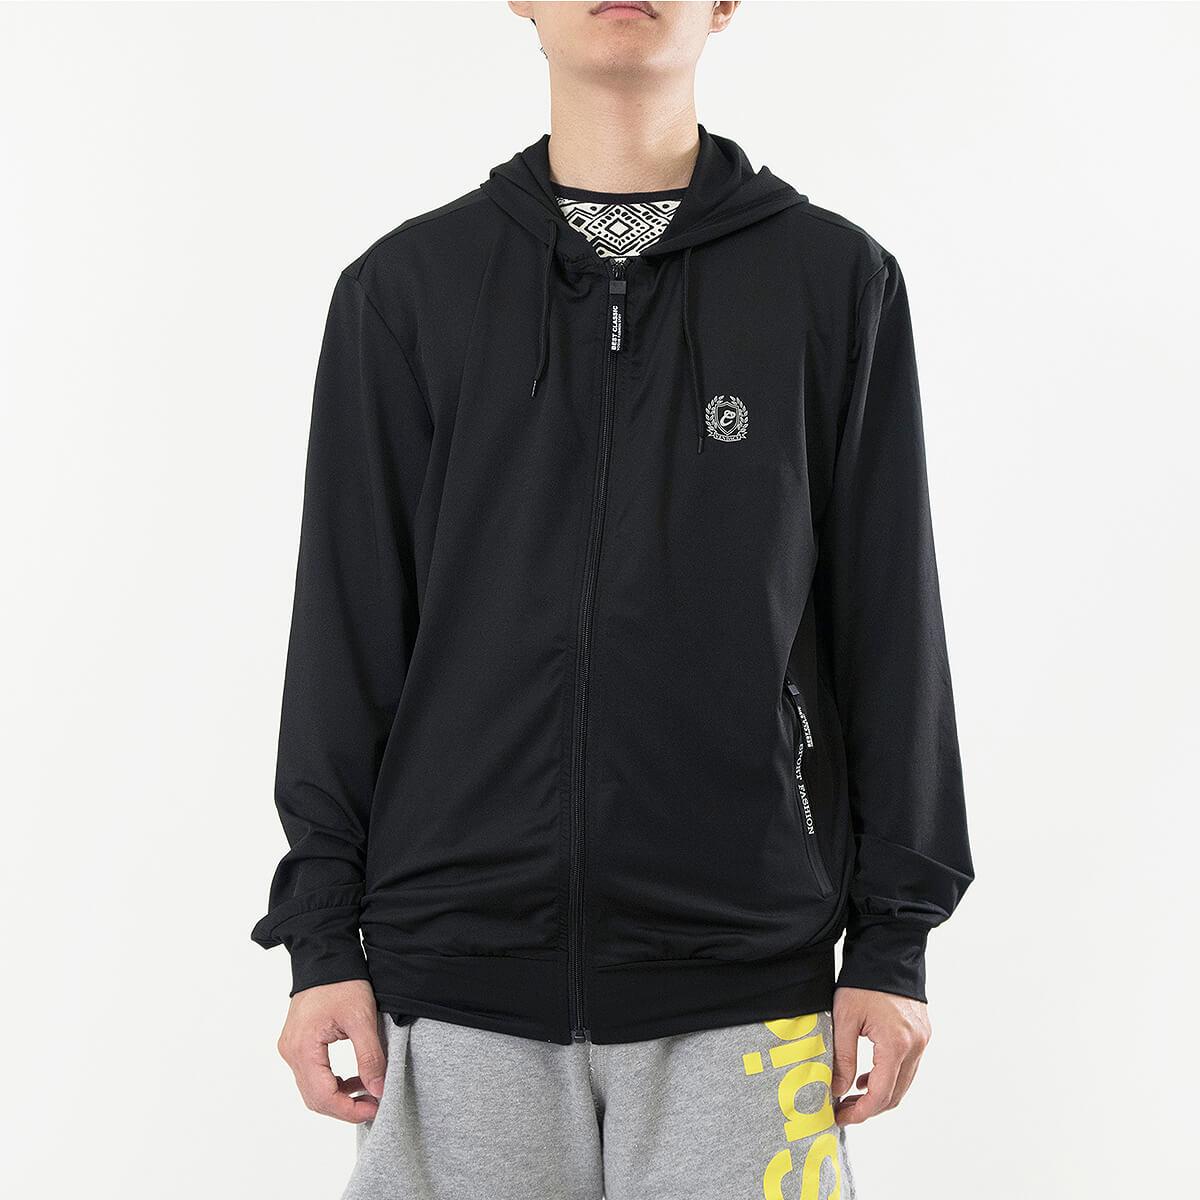 加大尺碼防曬外套 防風遮陽薄外套 柔軟輕薄休閒外套 連帽外套 運動外套 黑色外套 Sun Protection Jackets Mens Jackets Casual Jackets (321-0516_0517-21)黑色、(321-0516_0517-22)紋理灰 3L 4L 5L 6L (胸圍122~140公分  48~55英吋) 男 [實體店面保障] sun-e 3